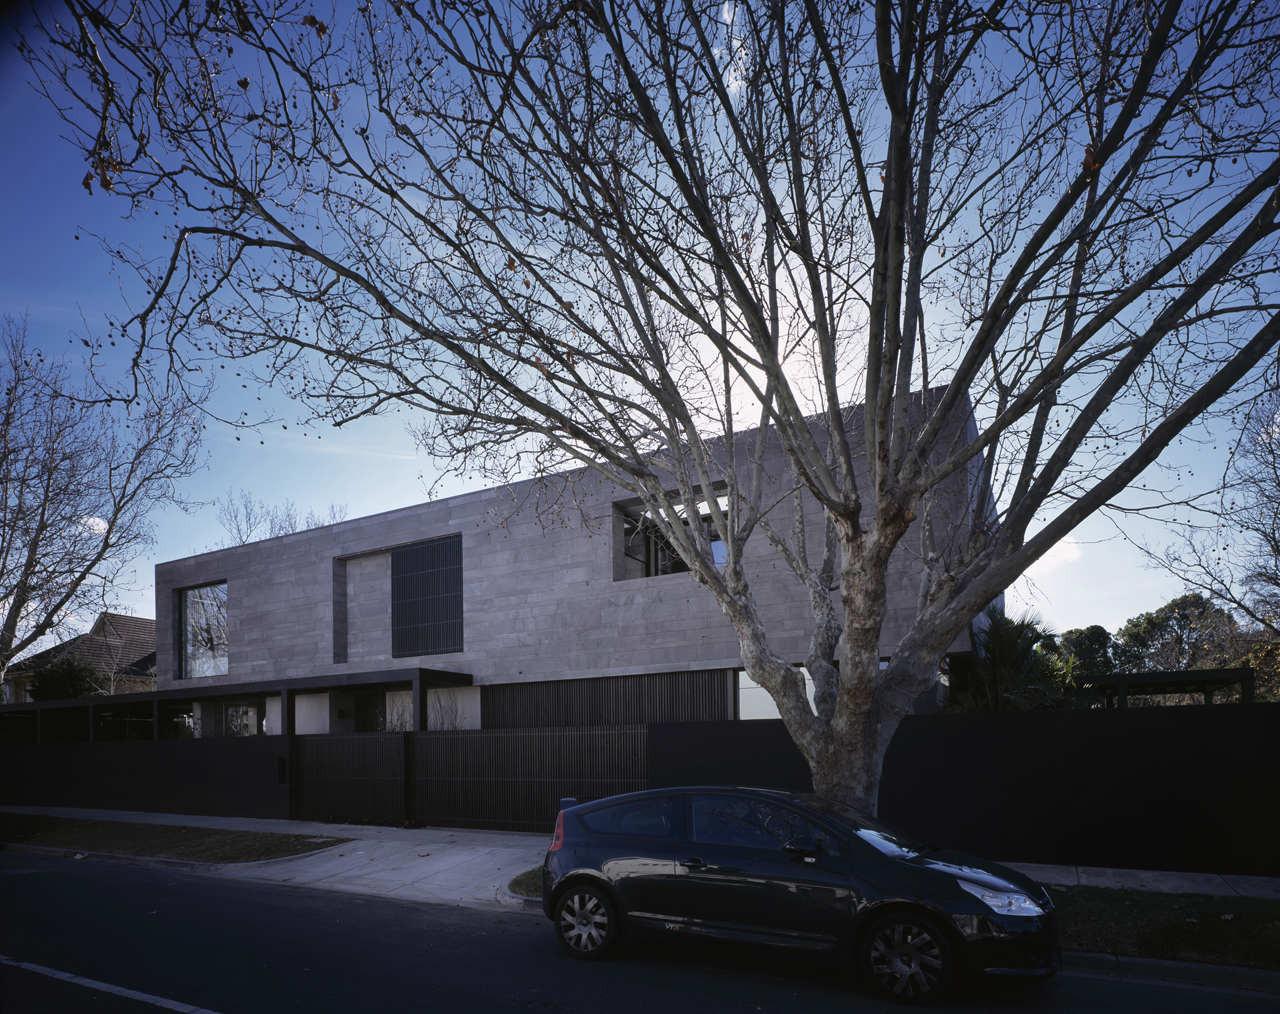 2a Seacombe Grove / b.e. Architecture, © Mein Photo